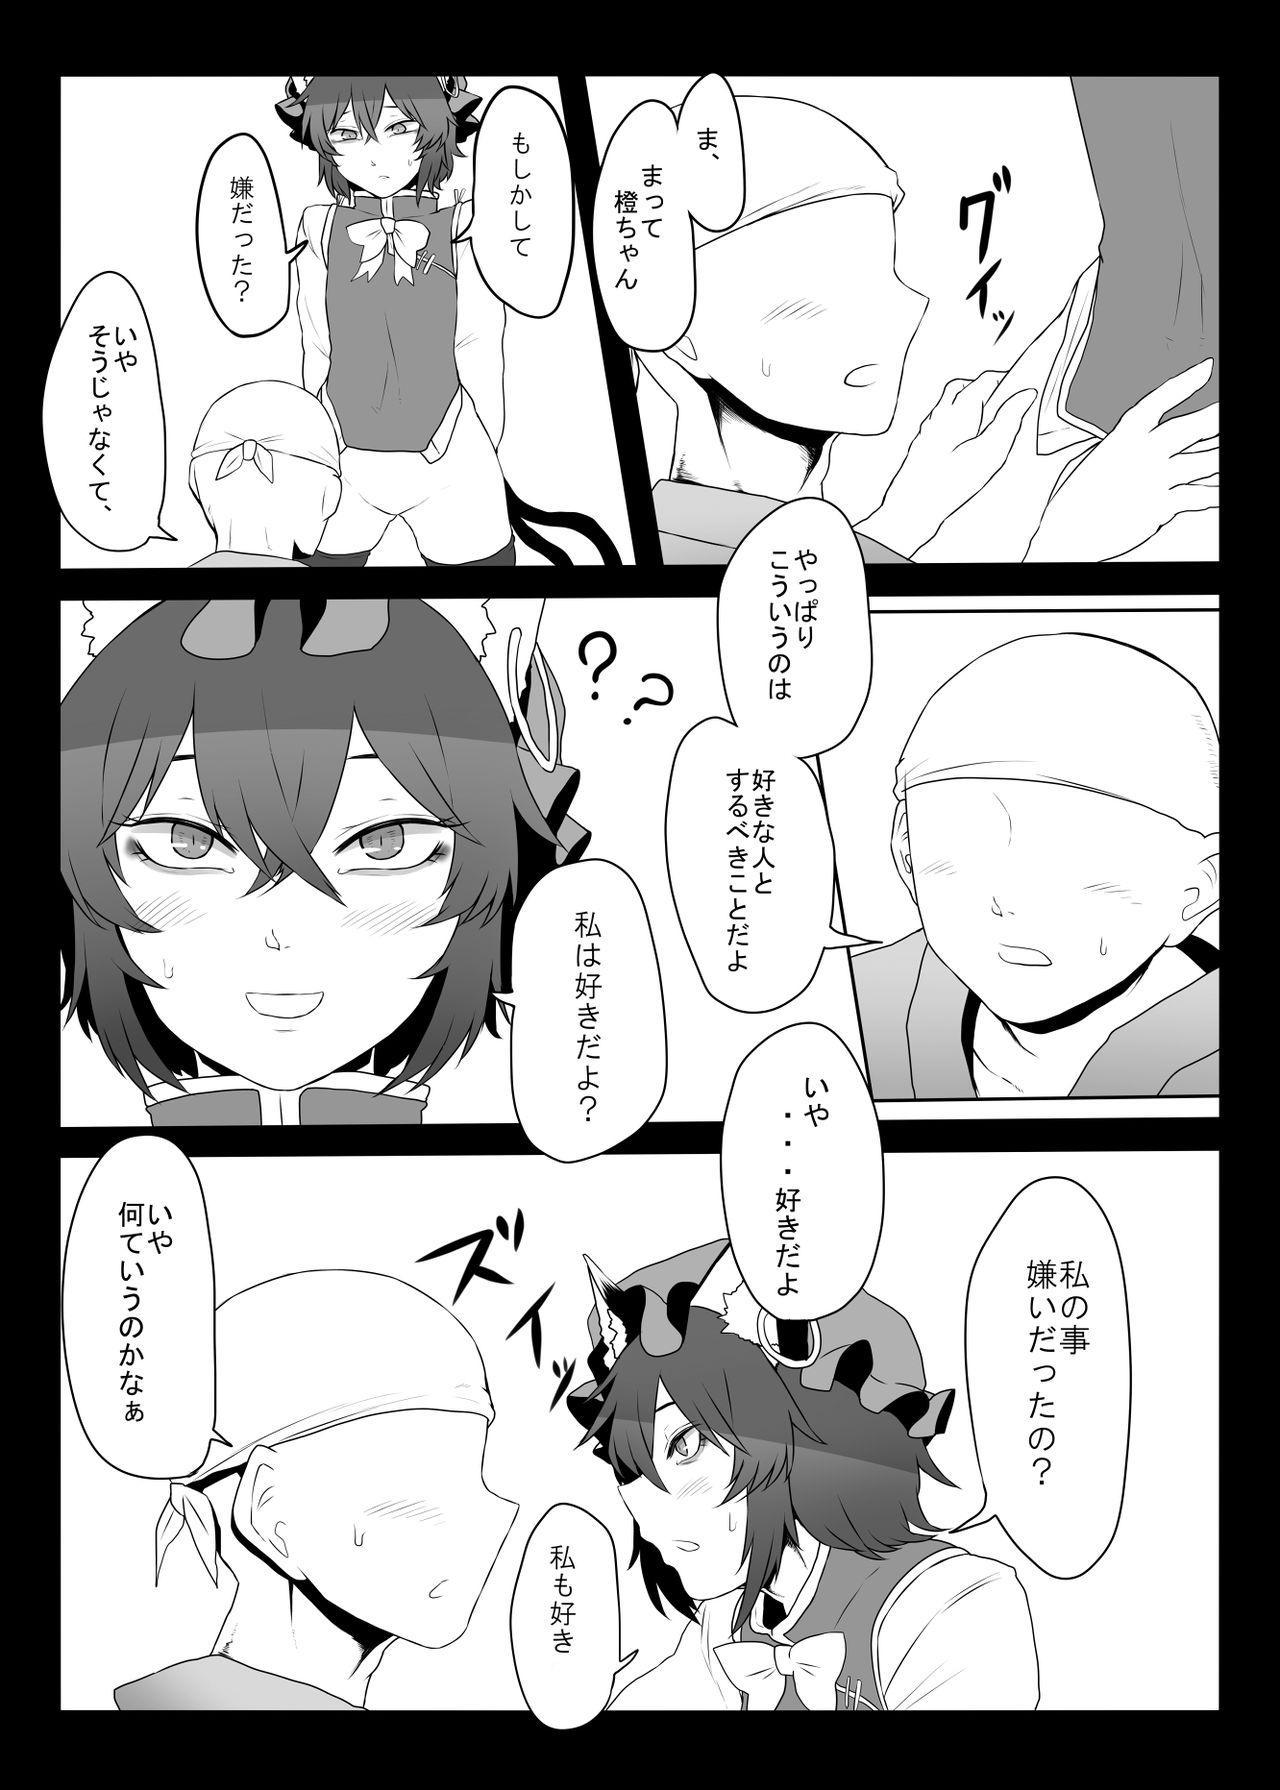 Daidai hon 8